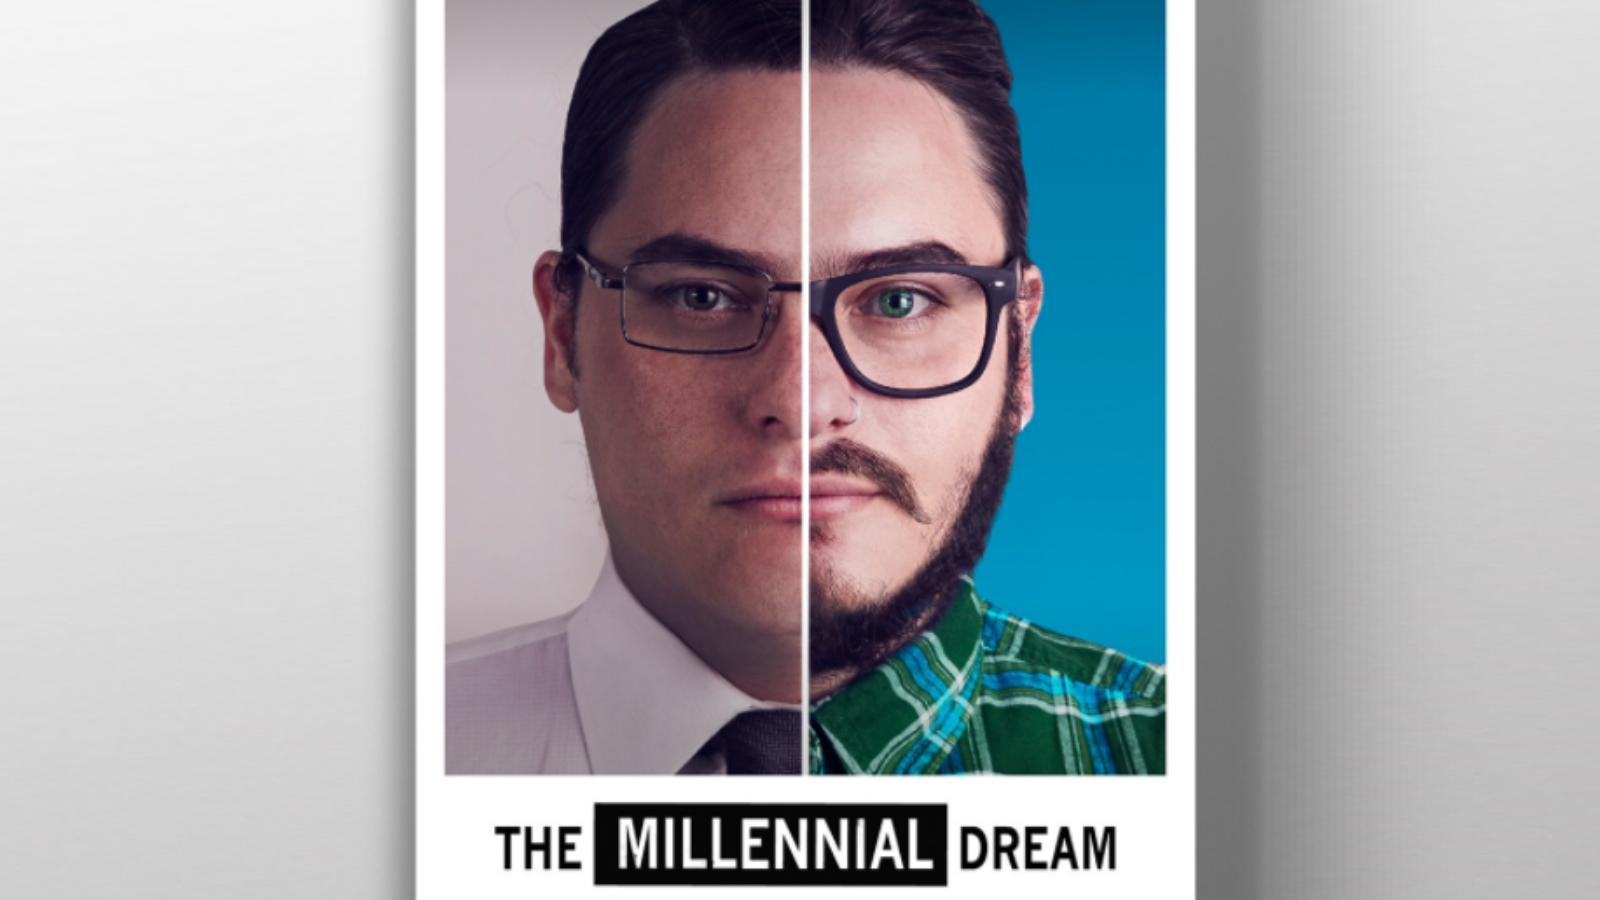 Plakaty które mogą inspirować minimalizm mediarun plakat 2019